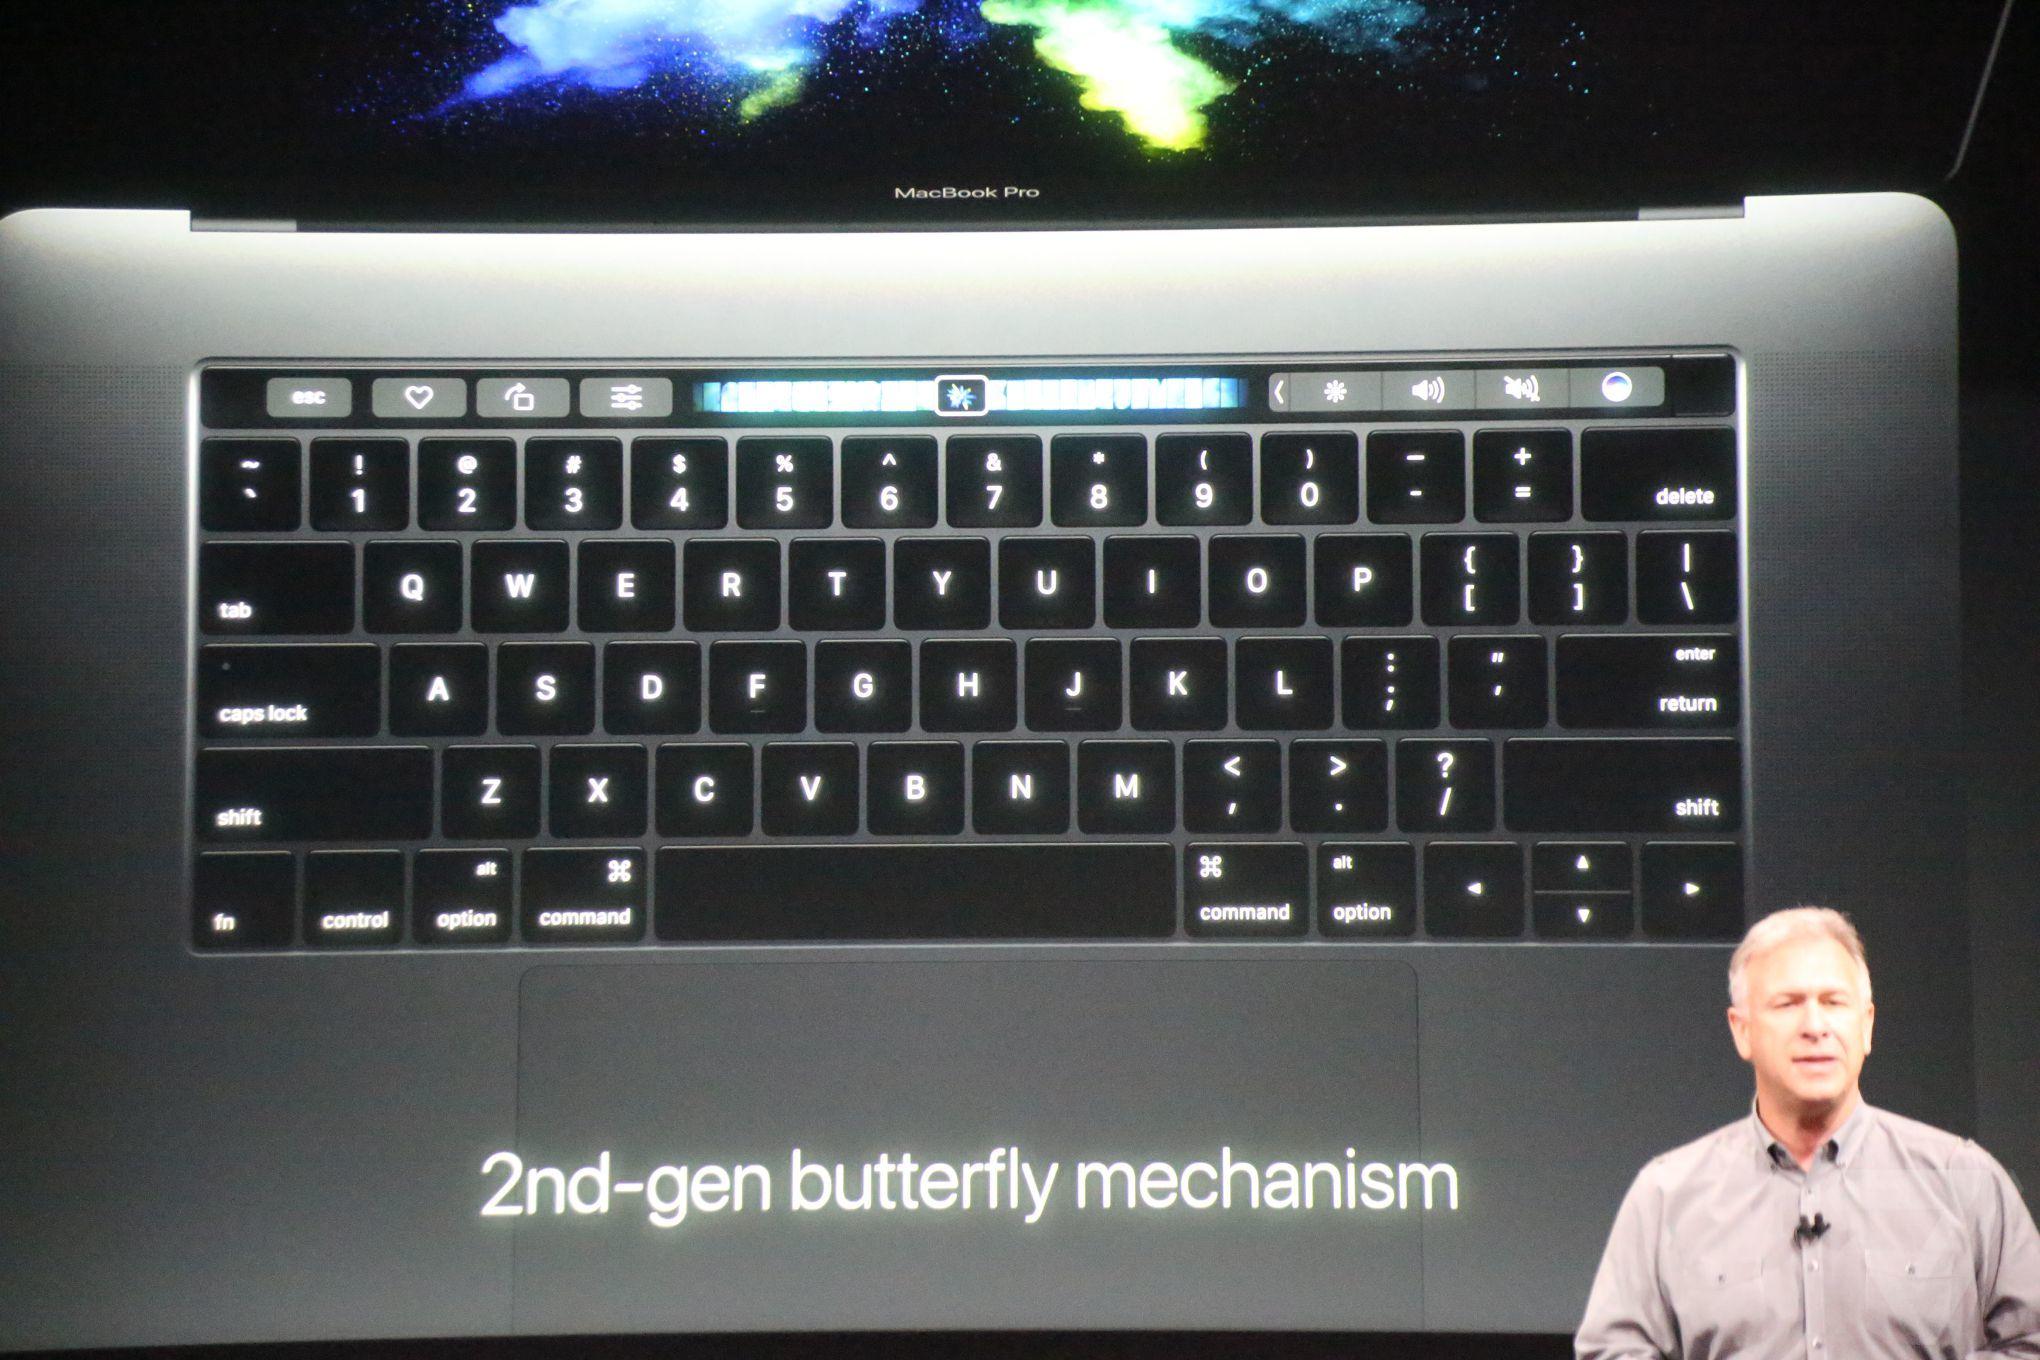 apple-macbook-event-20161027-8092